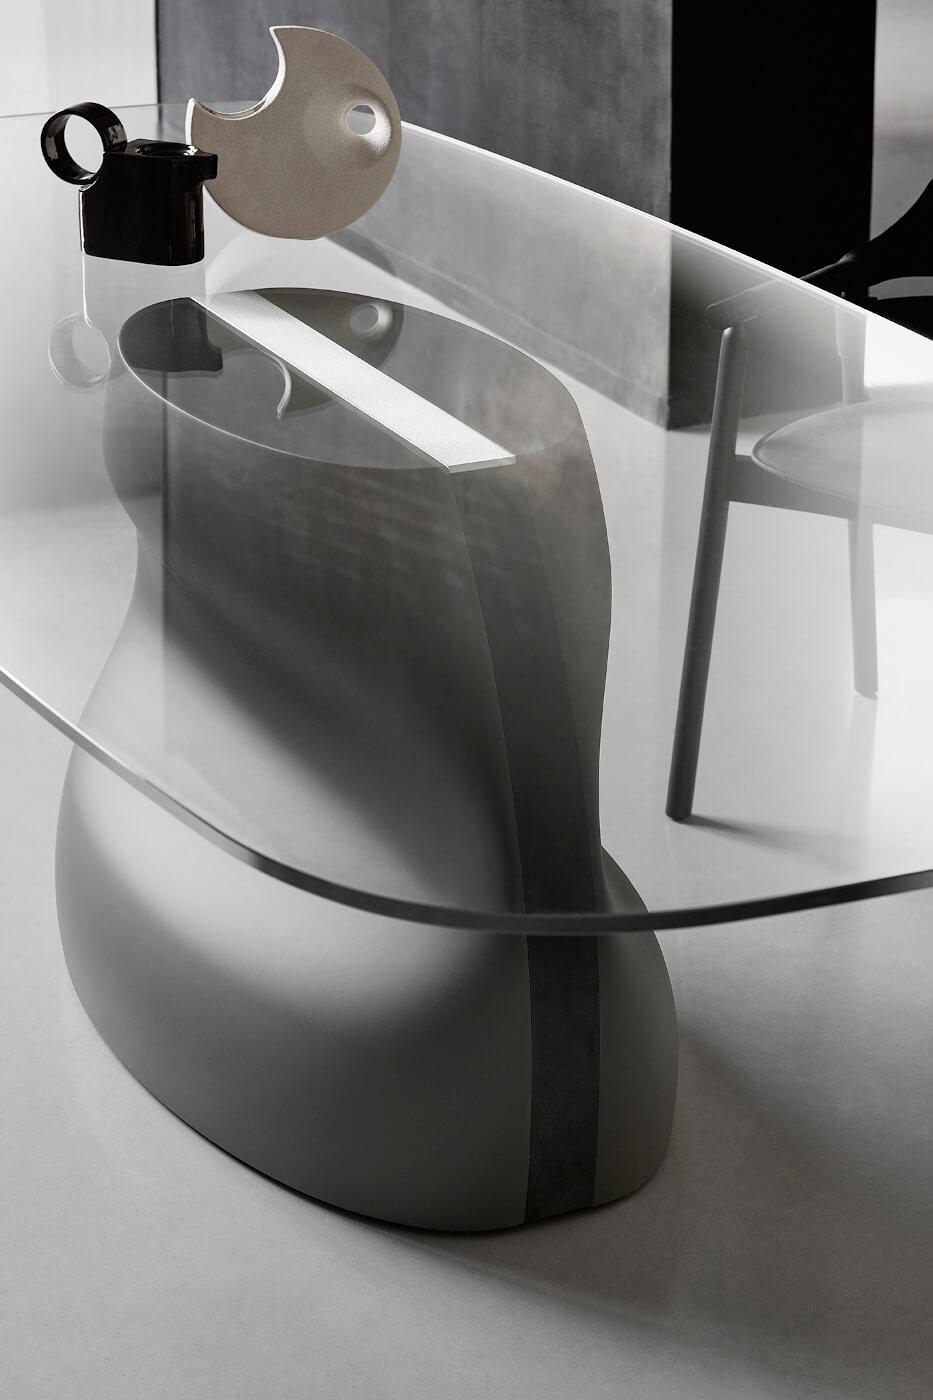 Dettaglio del tavolo Gran Sasso con base in baydur grigio scuro e inserto in metallo bianco